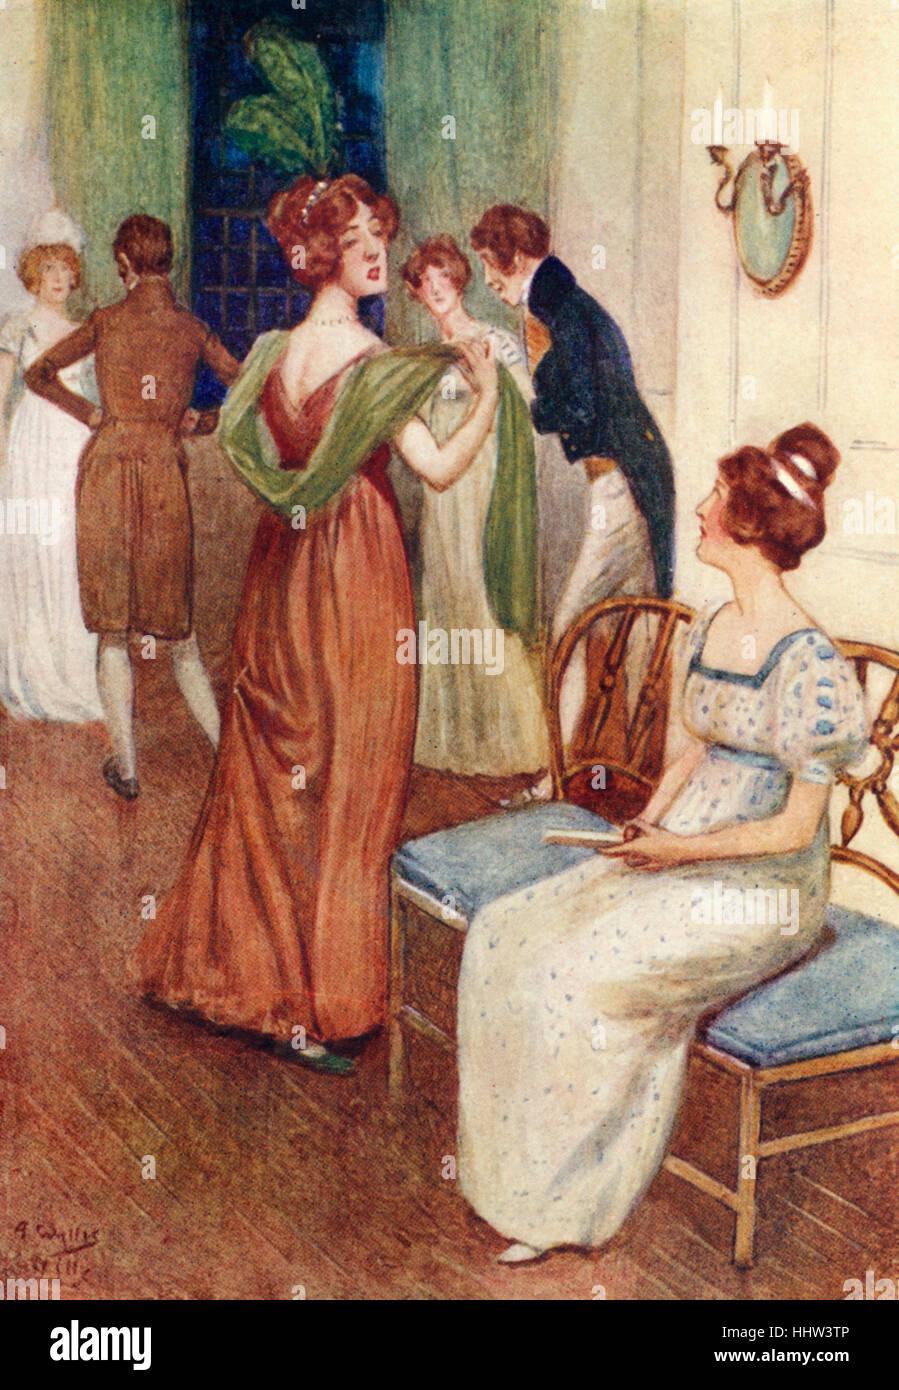 """""""Orgullo y prejuicio"""" de Jane Austen - retrato de Miss Bingley & Elizabeth en Netherfield bola. Capítulo Imagen De Stock"""